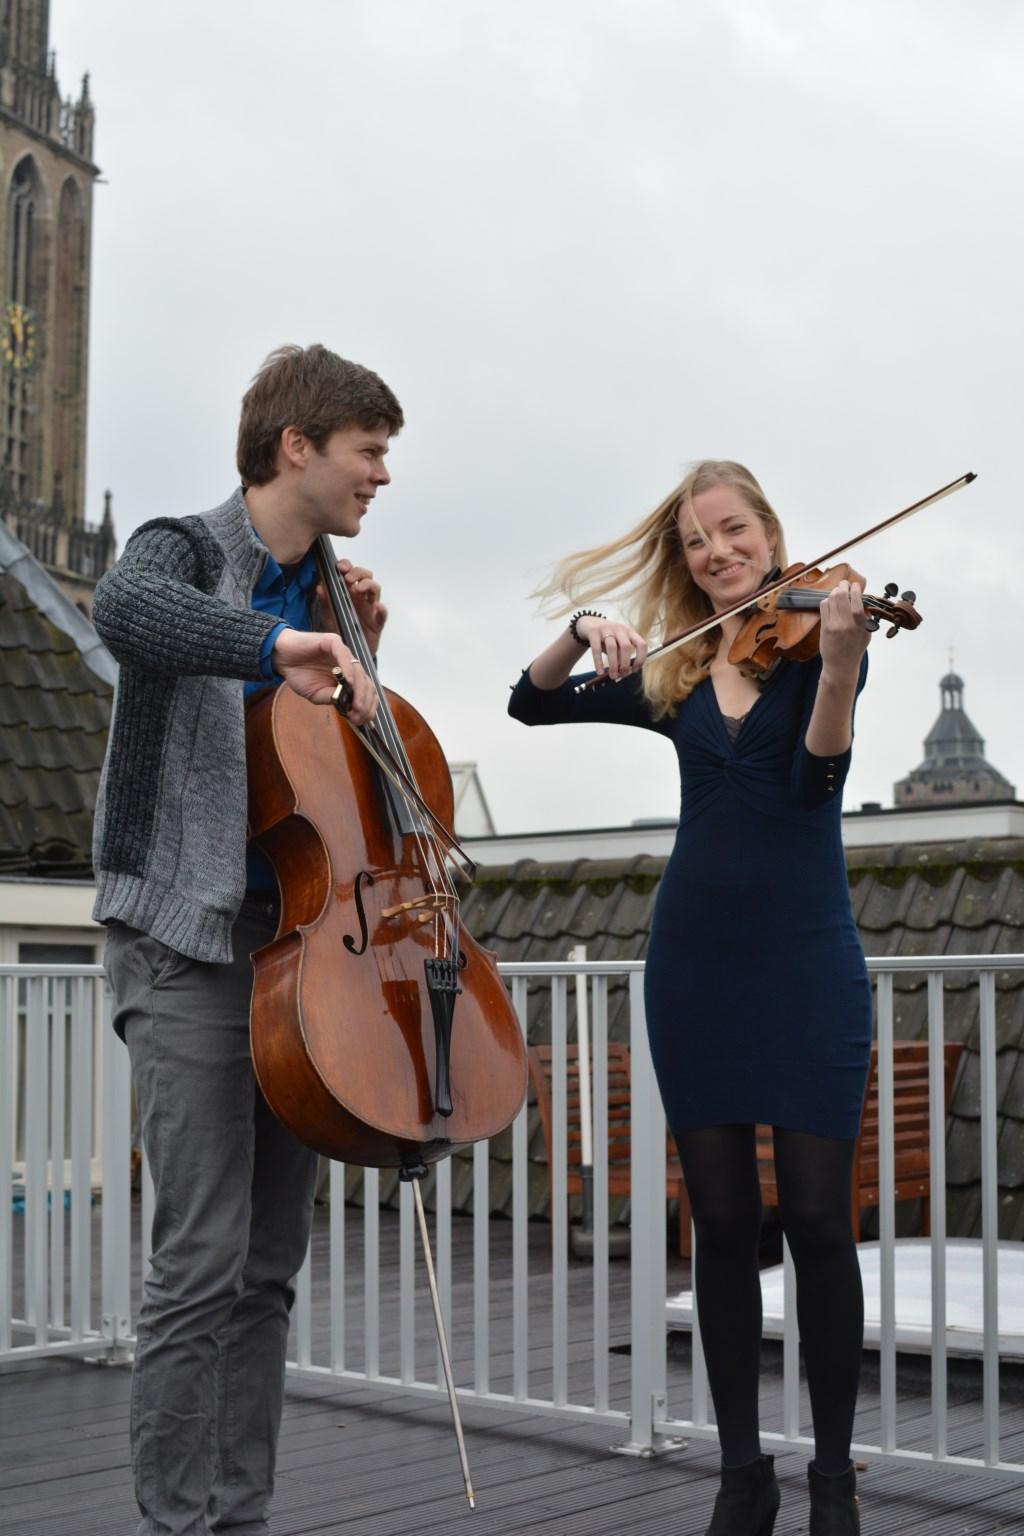 Joachim Eijlander, cello, Merel Vercammen, viool. Foto: Vercammen